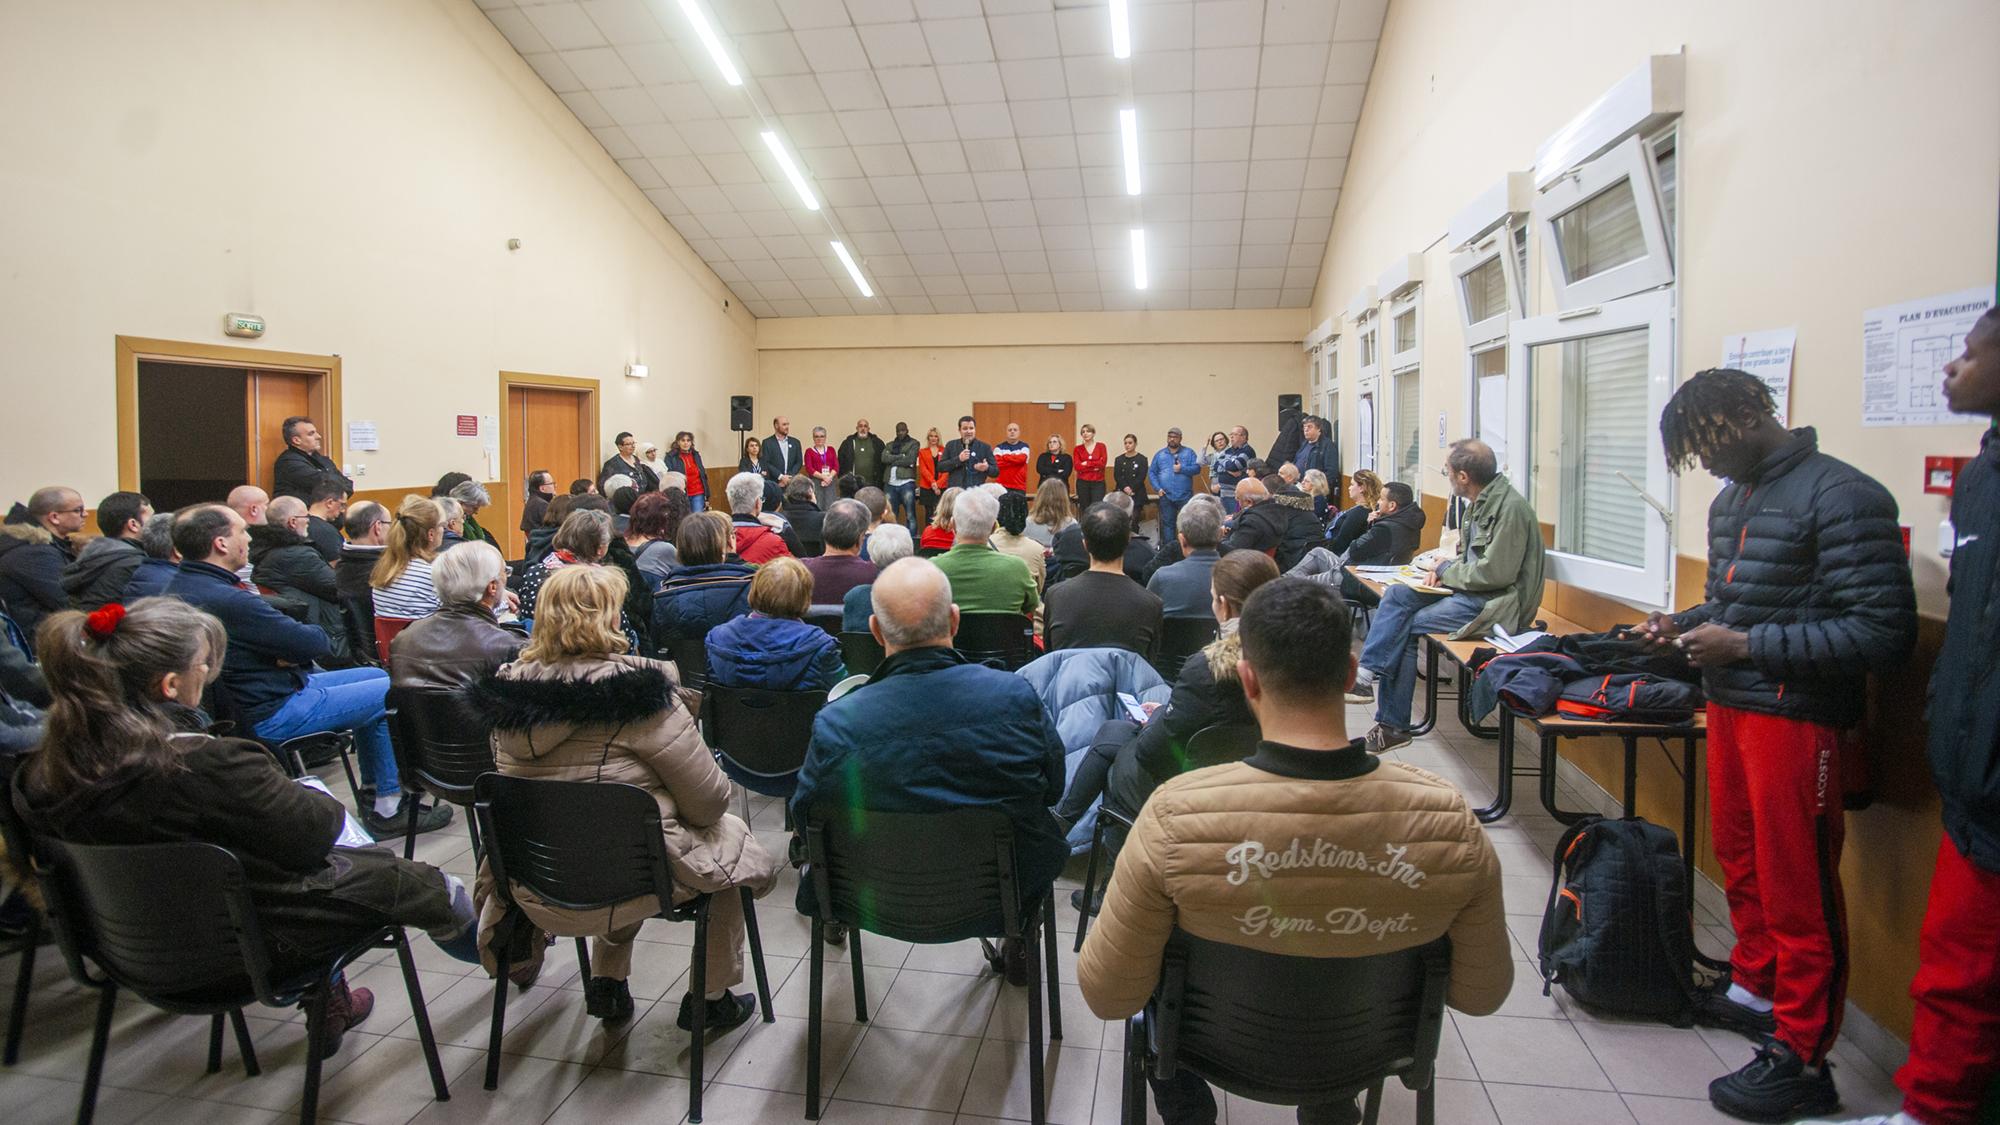 Une première réunion publique qui donne envie !